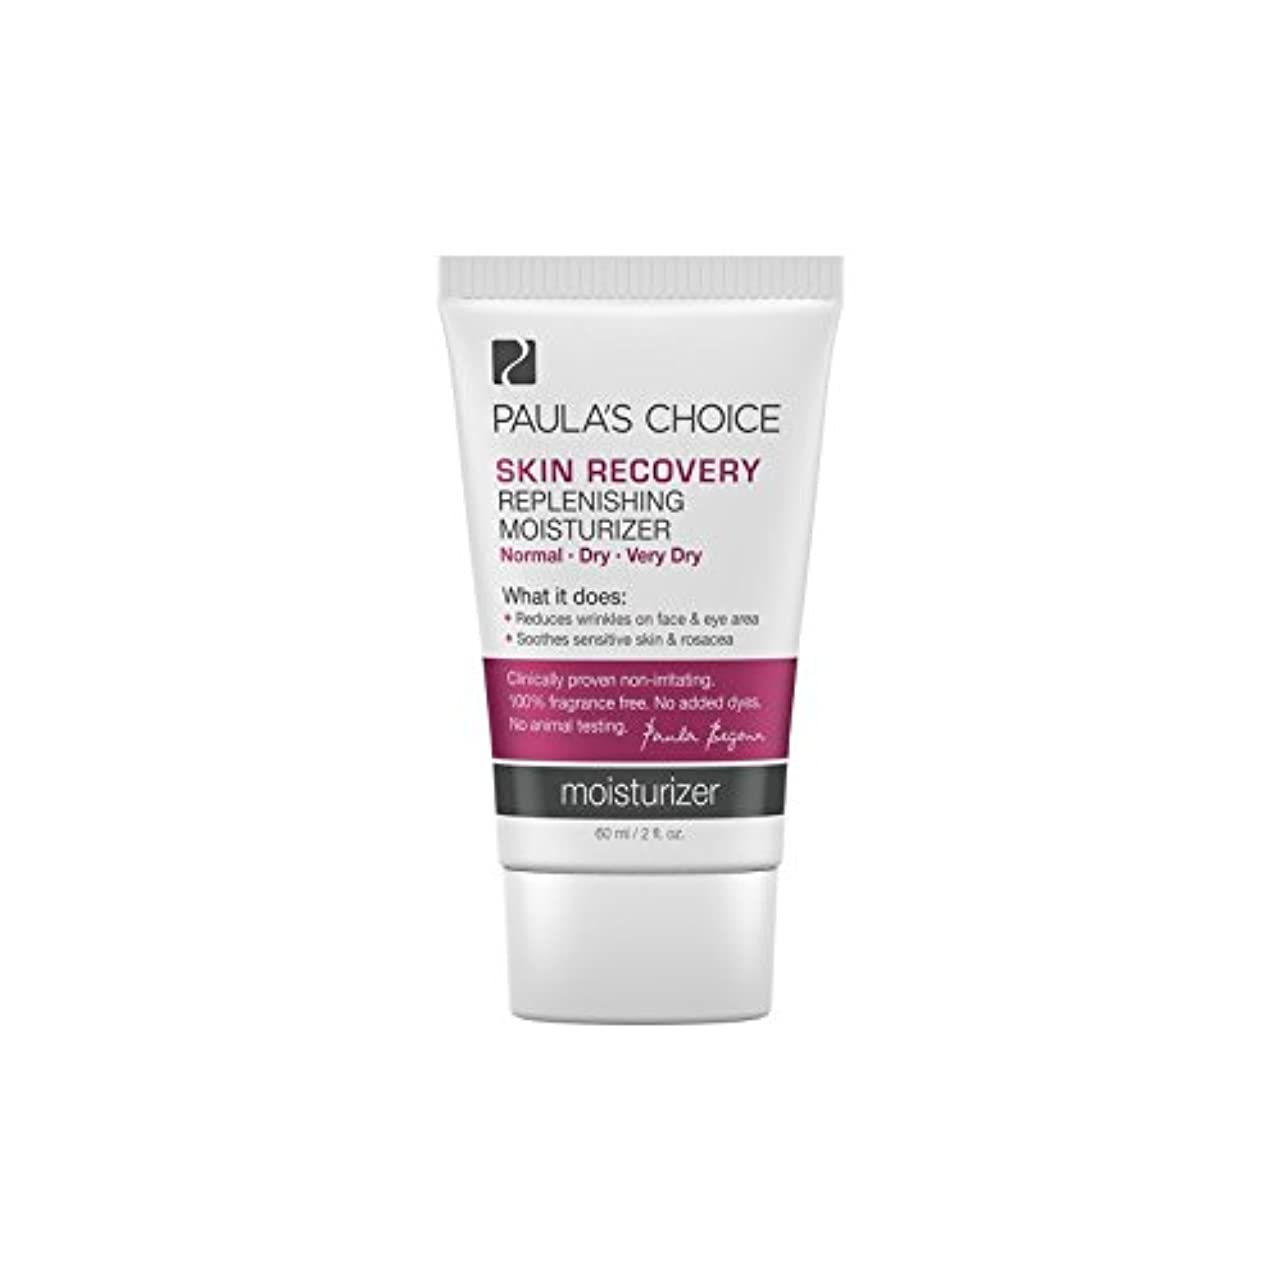 不快なぼんやりした痛いPaula's Choice Skin Recovery Replenishing Moisturizer (60ml) - ポーラチョイスの肌の回復補充保湿(60ミリリットル) [並行輸入品]